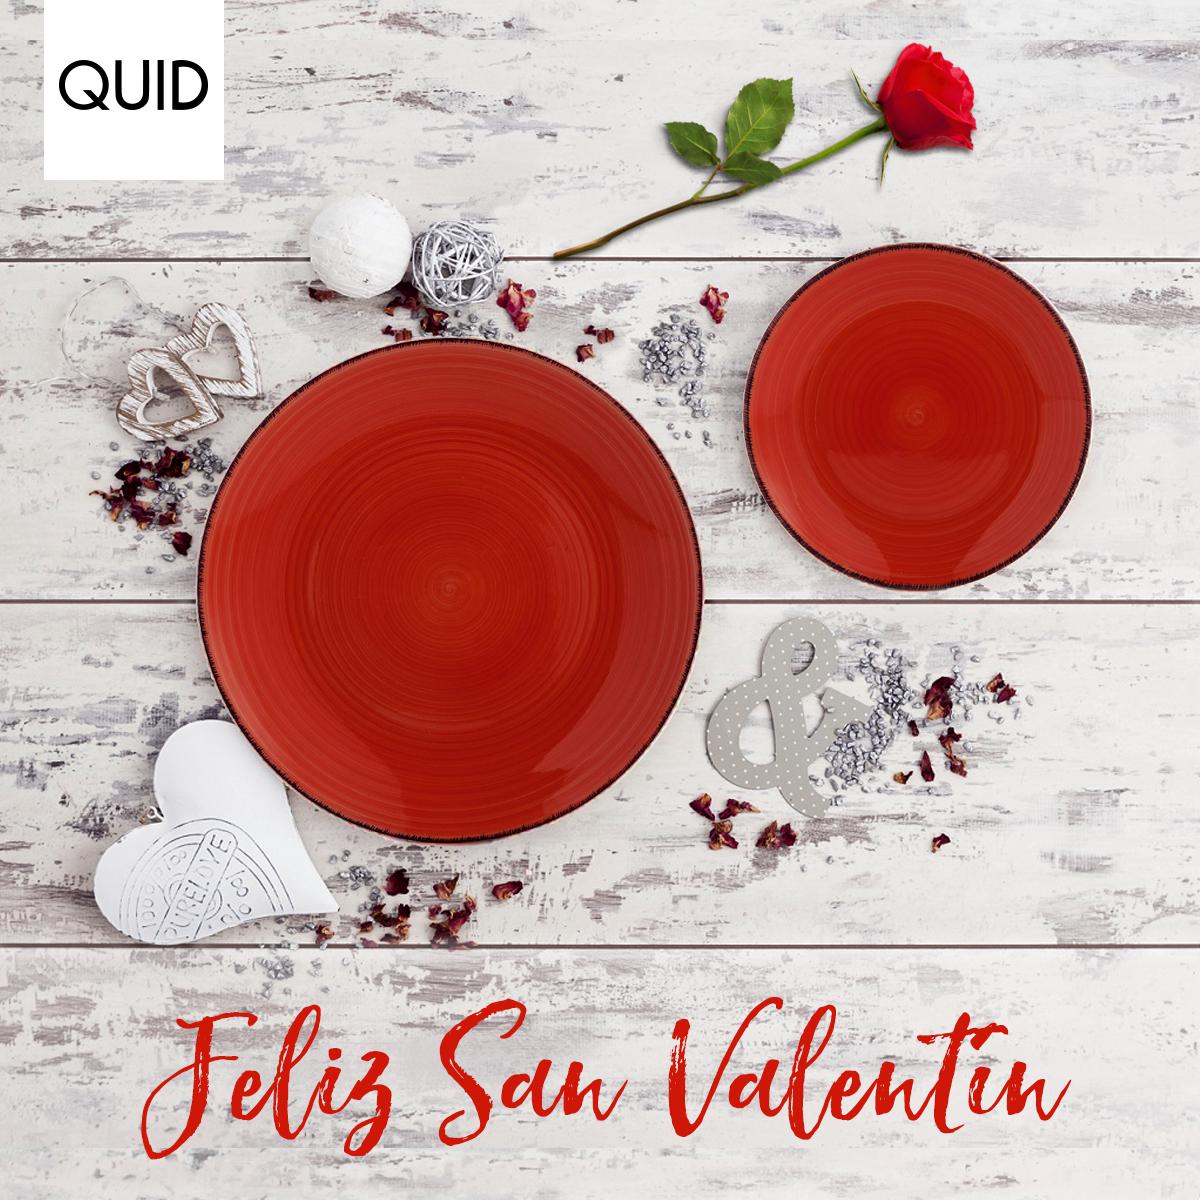 Platos que enamoran...😍 ¡Feliz San Valentín!